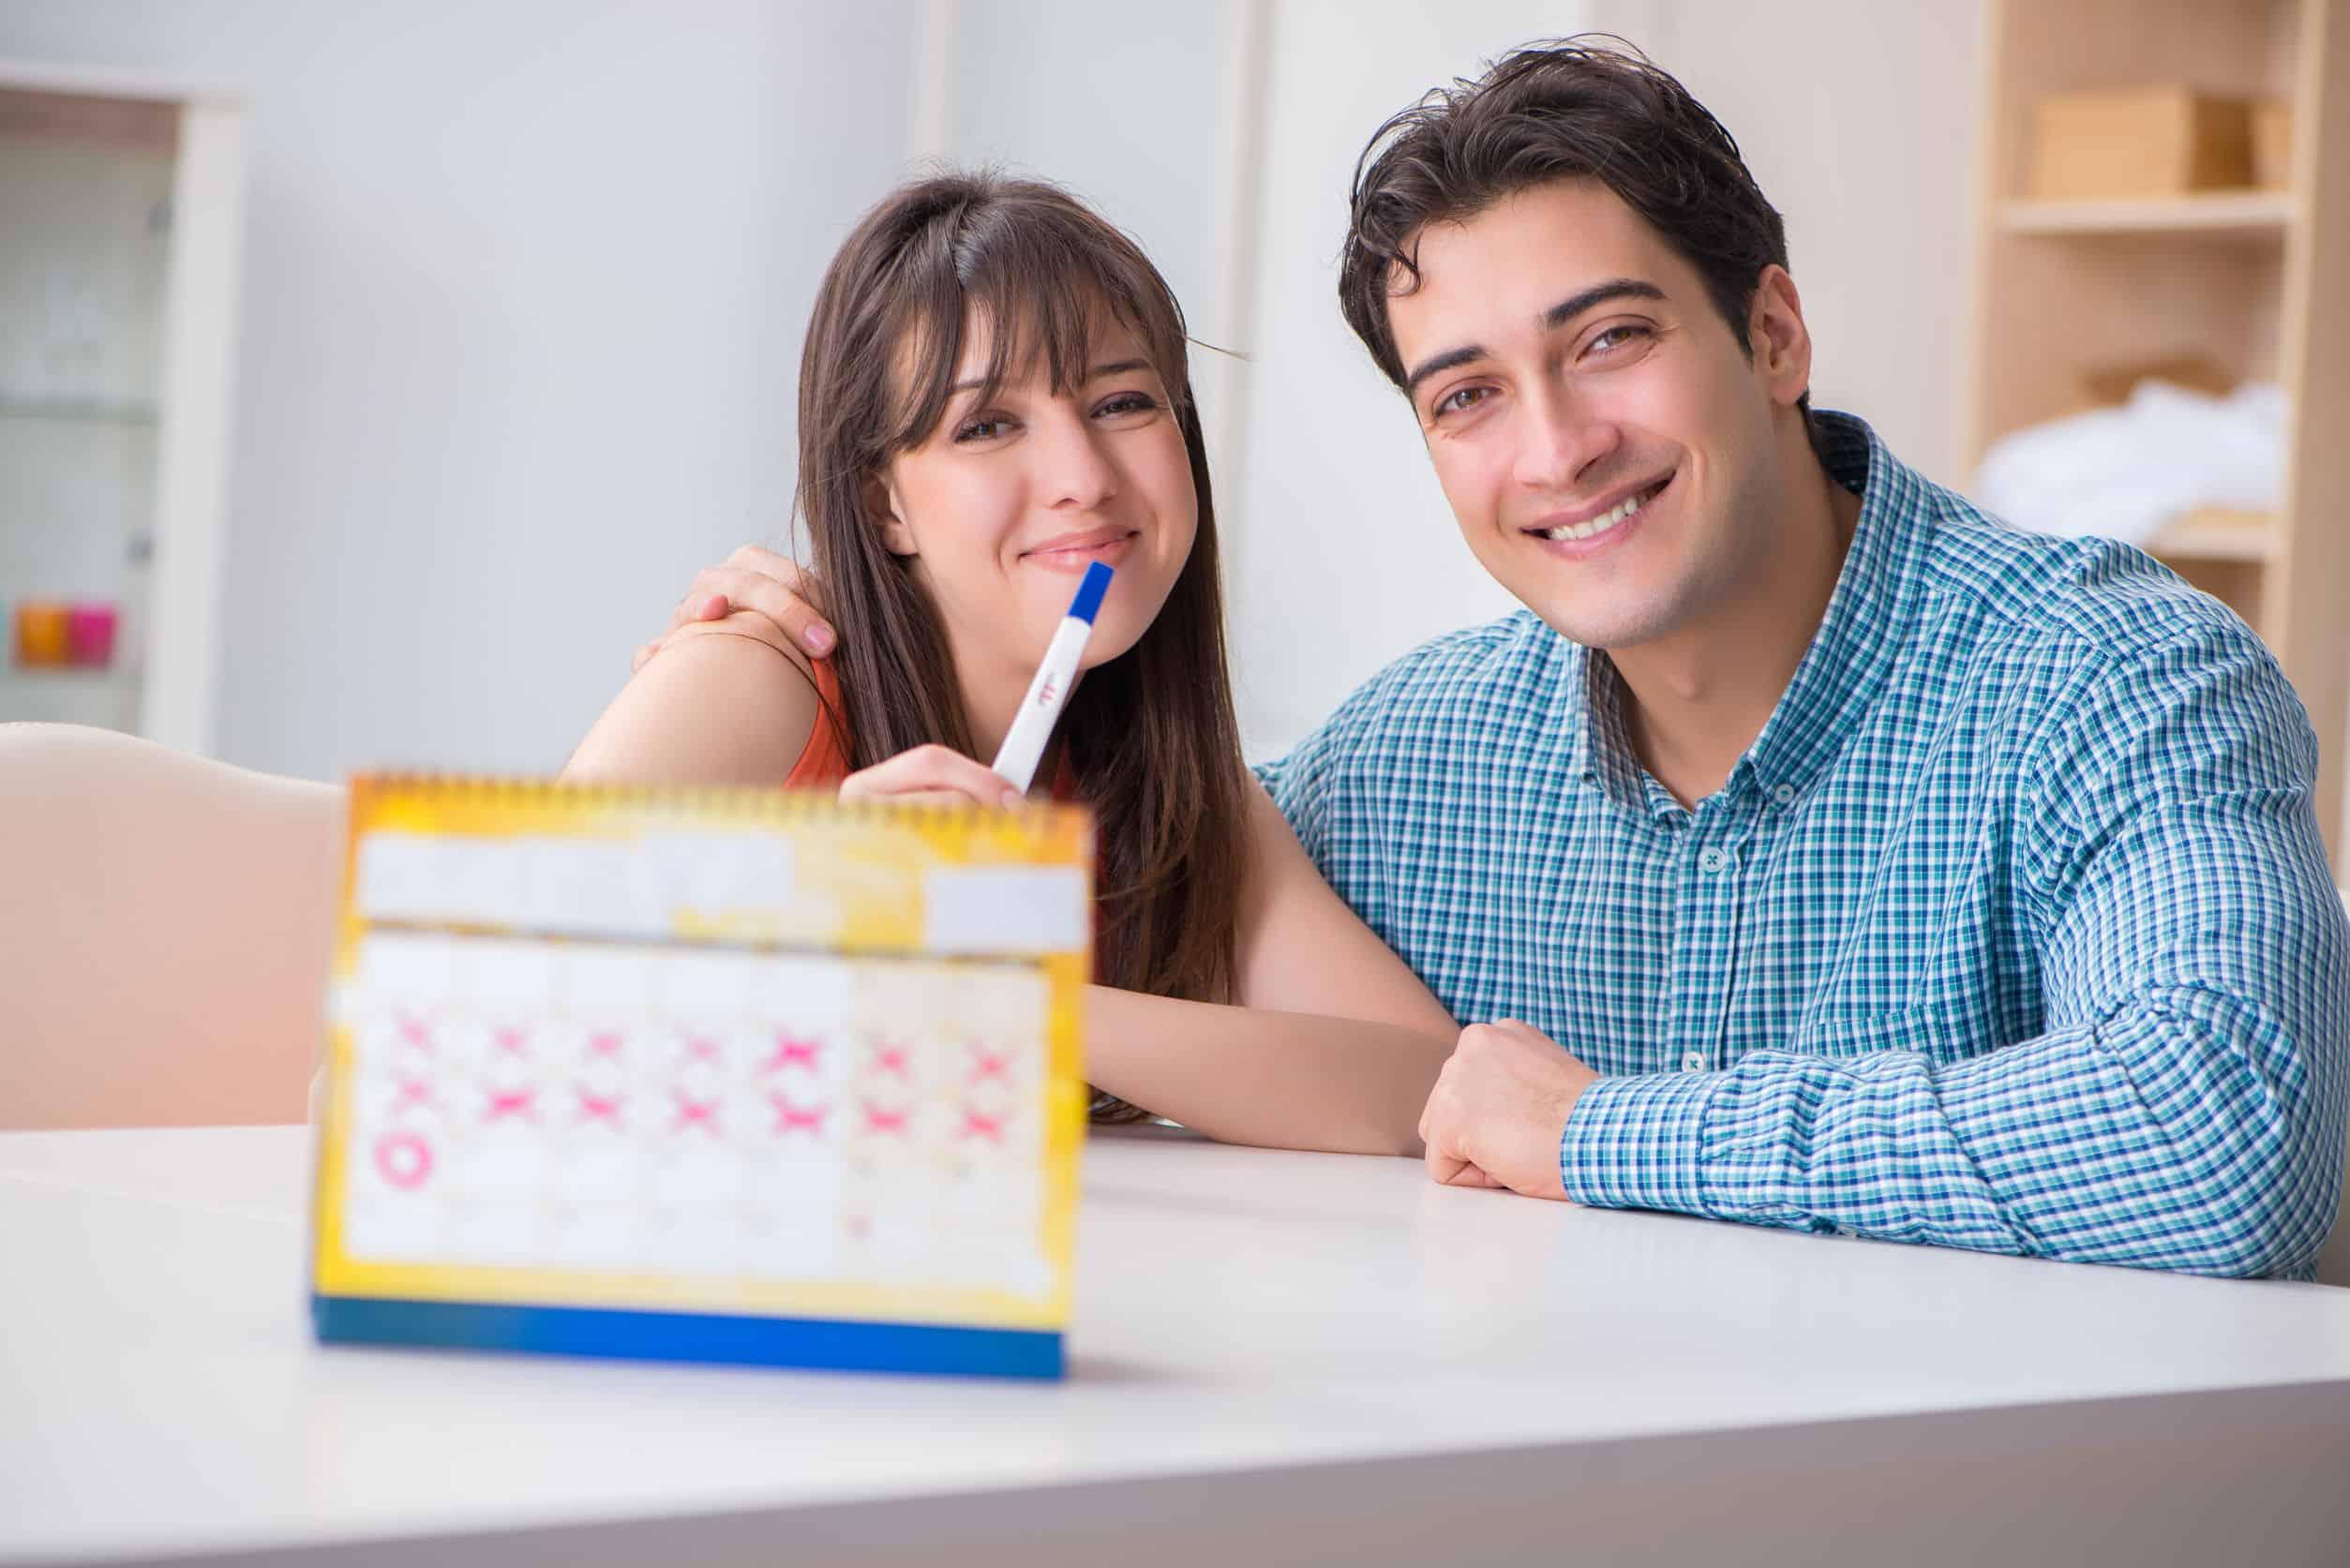 Beste Ovulatietest: Winkelgids en Aanbevelingen (10/21)